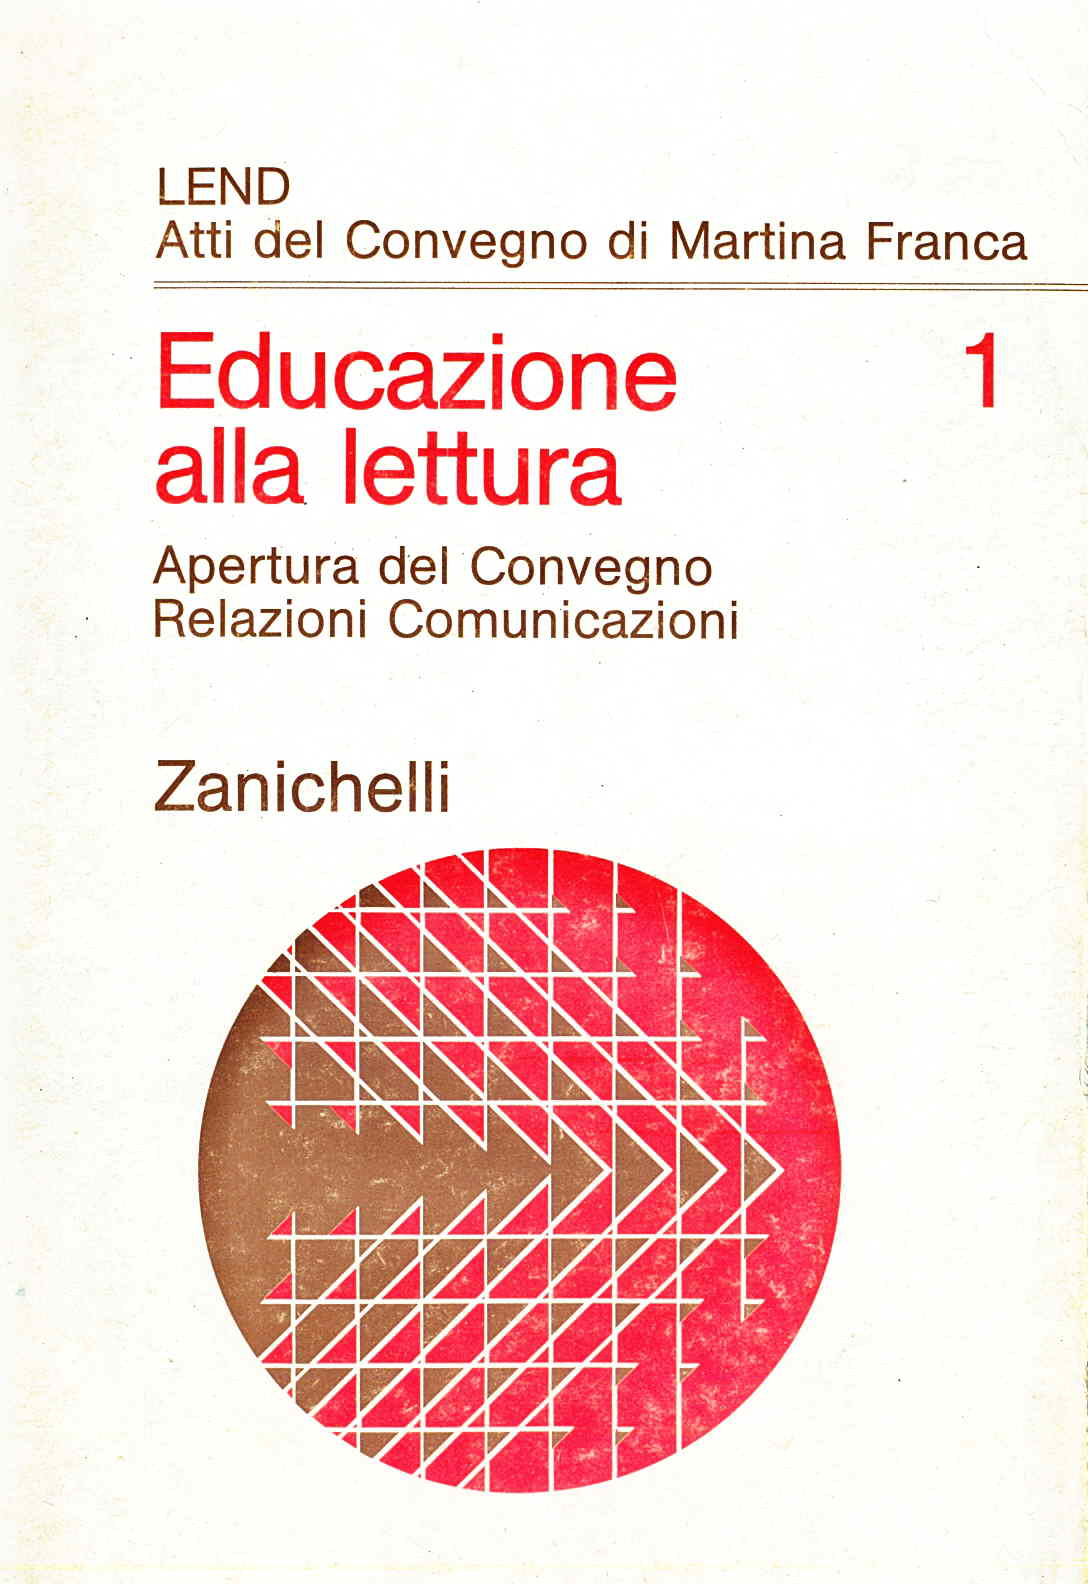 Educazione alla lettura 1